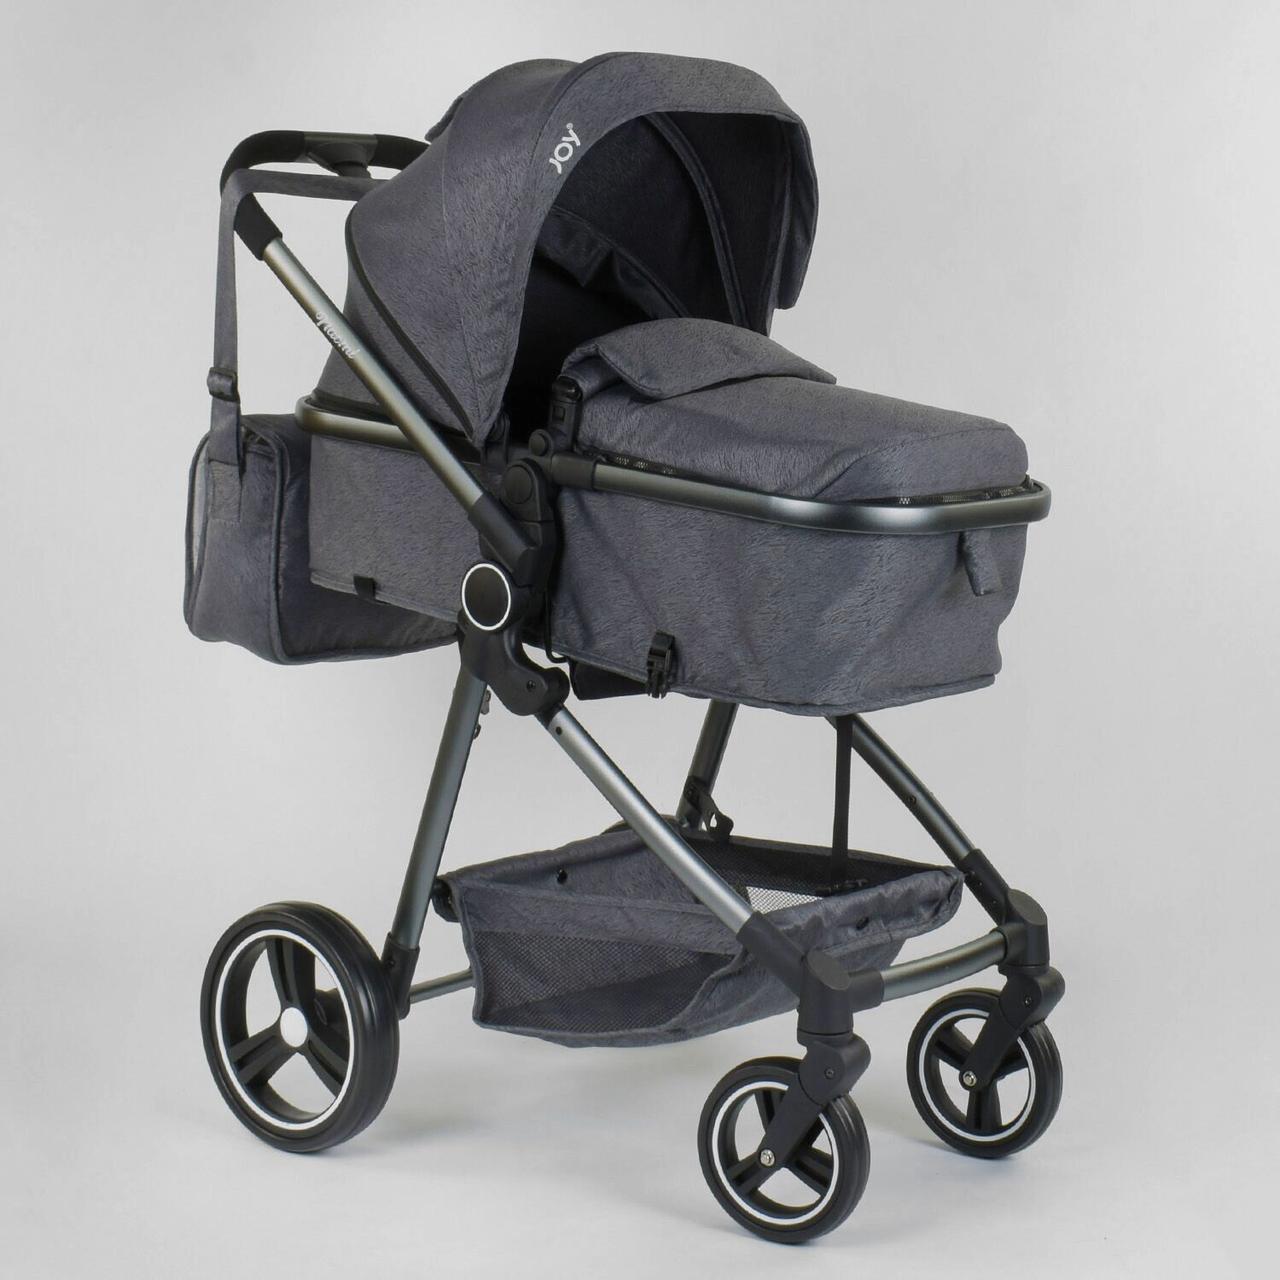 Детская коляска универсальная 2 в 1 JOY Naomi 96471 Серый, сумка, футкавер